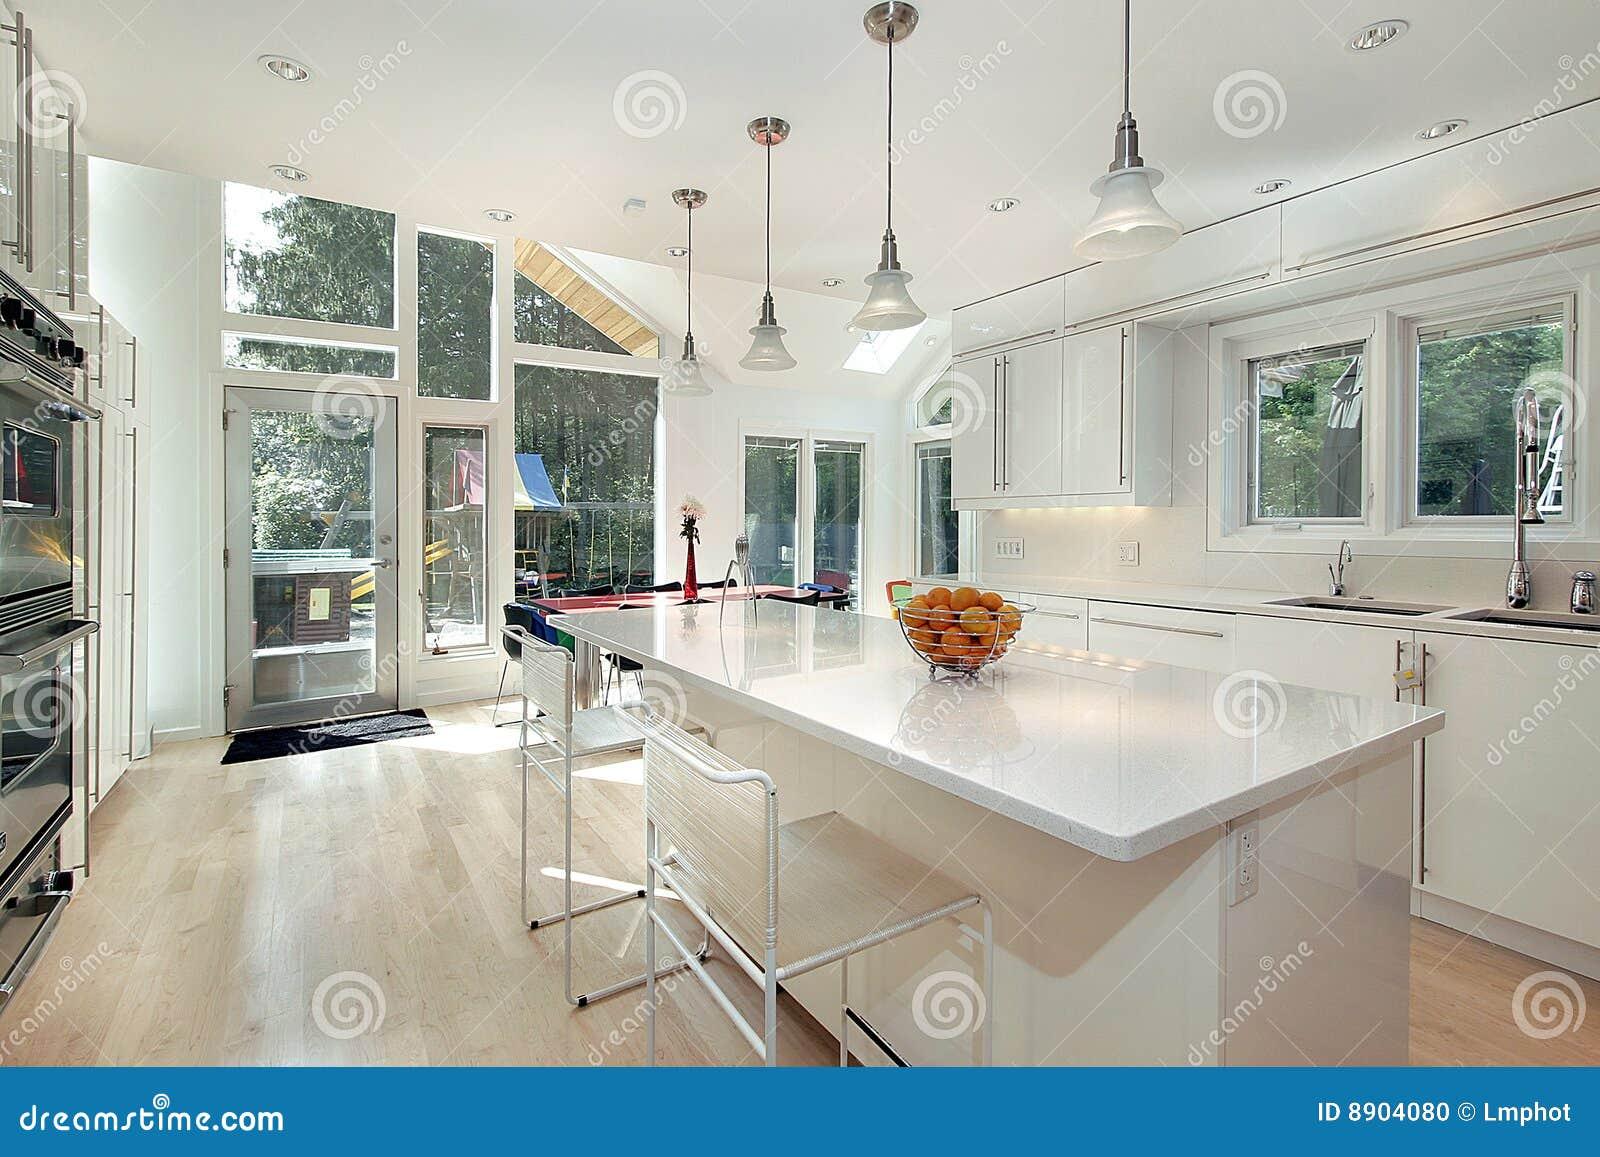 Cucina bianca lucida fotografia stock immagine 8904080 - Cucina bianca lucida ...